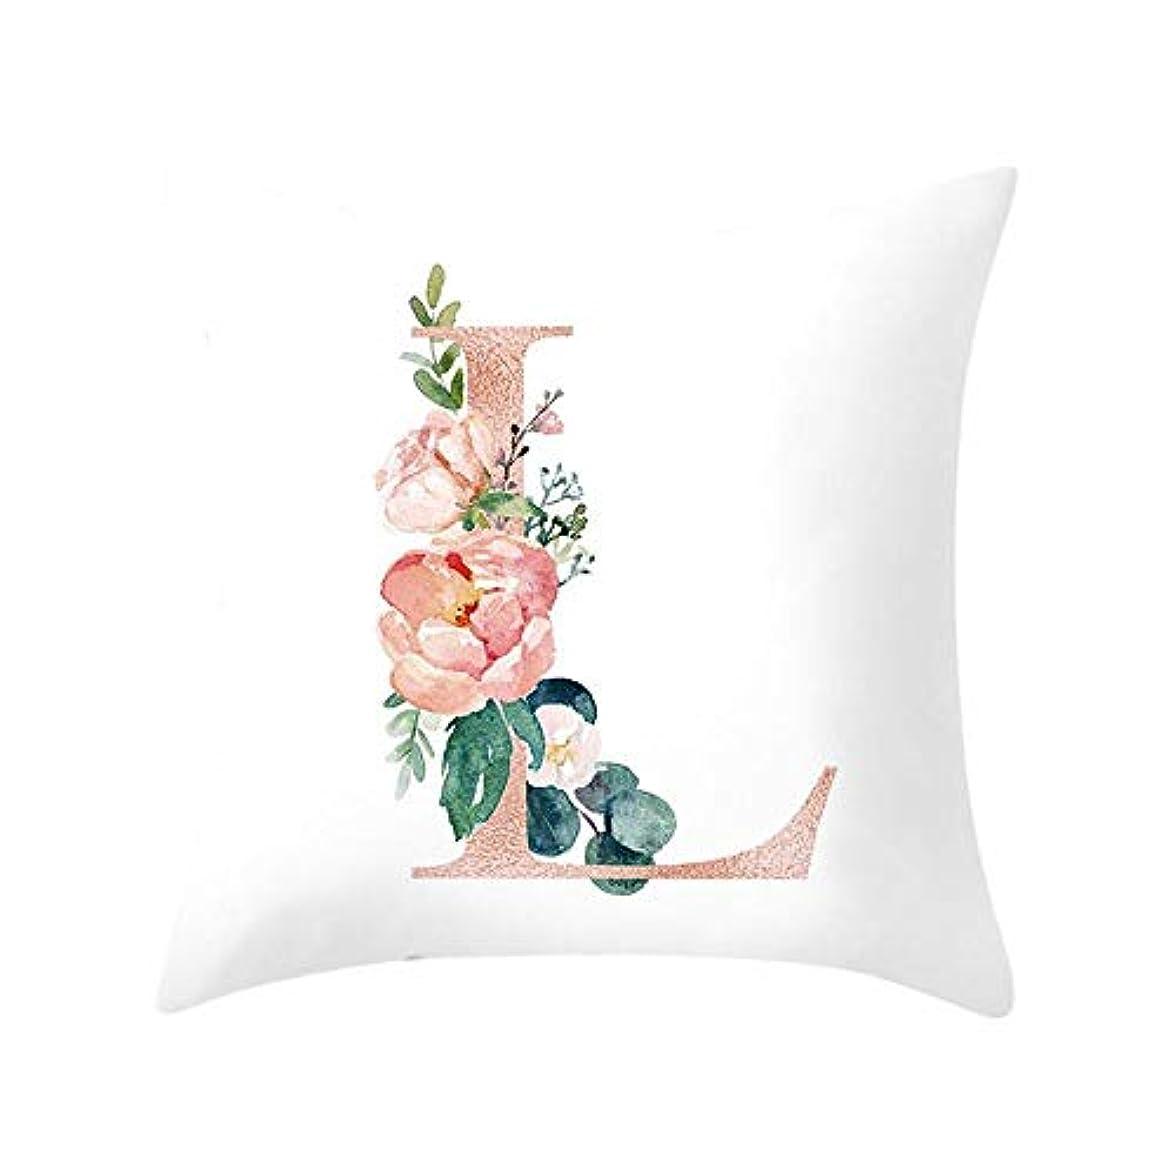 ラック反逆罪LIFE 装飾クッションソファ手紙枕アルファベットクッション印刷ソファ家の装飾の花枕 coussin decoratif クッション 椅子